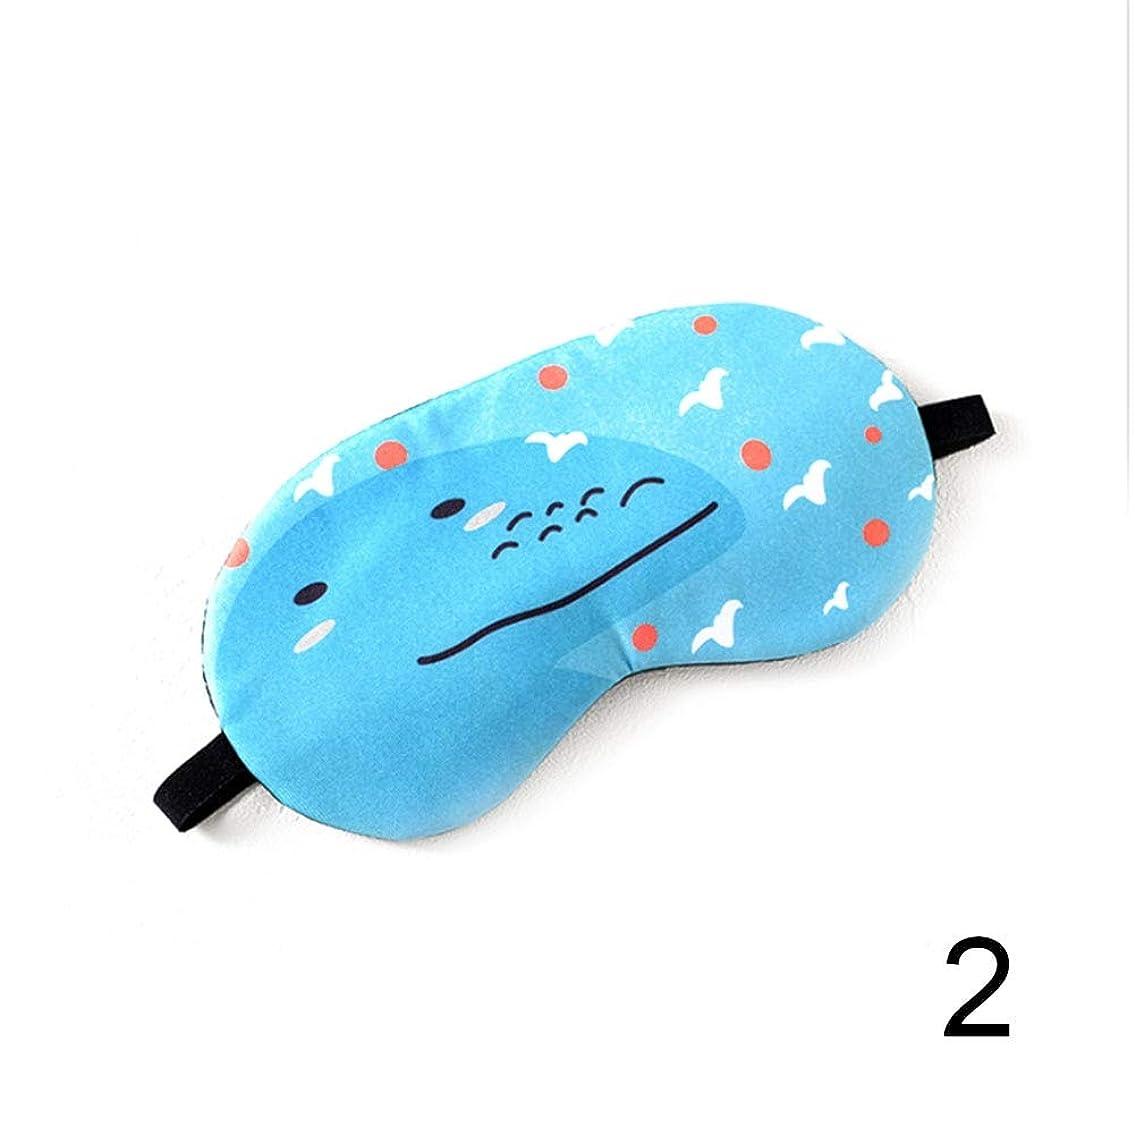 四面体バッグアウターNOTE 男性女性夏の睡眠マスクアイパッチ休息旅行リラックス援助目隠しアイスカバーかわいいパターンアイパッチ睡眠アイシェード